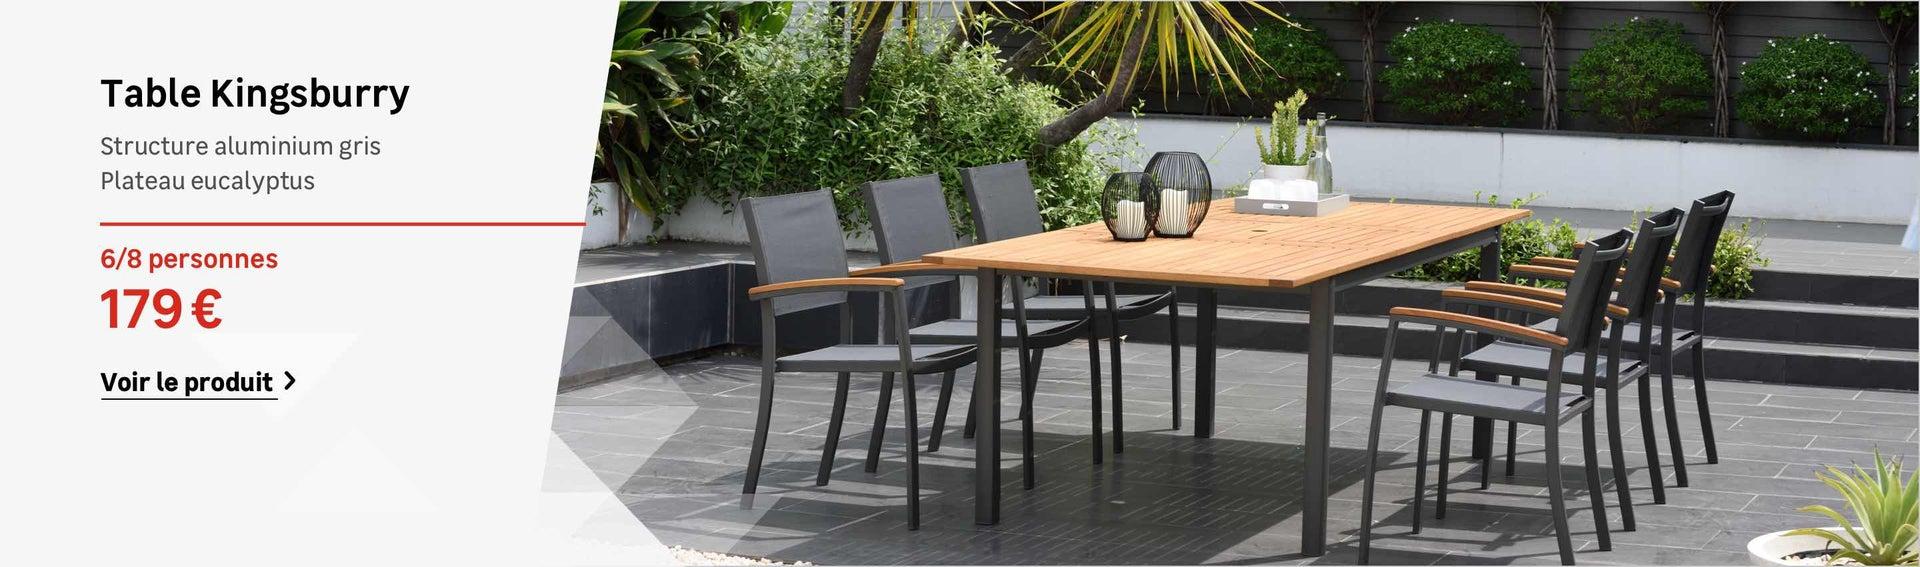 Table Et Chaise De Jardin Ikea Unique Table Et Chaise Pour ... serapportantà Meubles Jardin Ikea